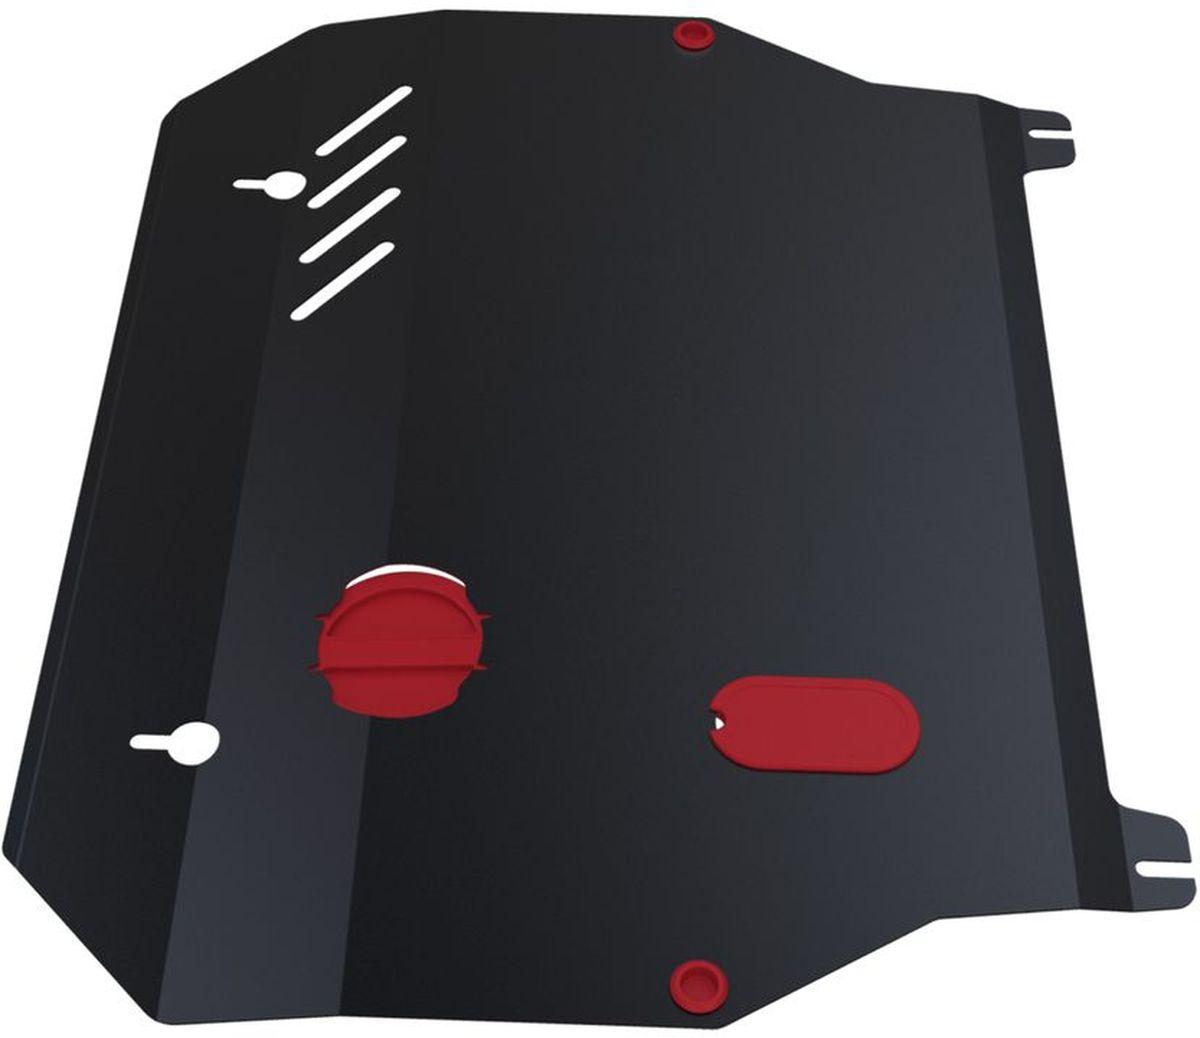 Защита картера и КПП Автоброня, для Hyundai Elantra XD/Hyundai ТагАЗ Elantra XD. 111.02303.11004900000360Технологически совершенный продукт за невысокую стоимость.Защита разработана с учетом особенностей днища автомобиля, что позволяет сохранить дорожный просвет с минимальным изменением.Защита устанавливается в штатные места кузова автомобиля. Глубокий штамп обеспечивает до двух раз больше жесткости в сравнении с обычной защитой той же толщины. Проштампованные ребра жесткости препятствуют деформации защиты при ударах.Тепловой зазор и вентиляционные отверстия обеспечивают сохранение температурного режима двигателя в норме. Скрытый крепеж предотвращает срыв крепежных элементов при наезде на препятствие.Шумопоглощающие резиновые элементы обеспечивают комфортную езду без вибраций и скрежета металла, а съемные лючки для слива масла и замены фильтра - экономию средств и время.Конструкция изделия не влияет на пассивную безопасность автомобиля (при ударе защита не воздействует на деформационные зоны кузова). Со штатным крепежом. В комплекте инструкция по установке.Толщина стали: 2 мм.